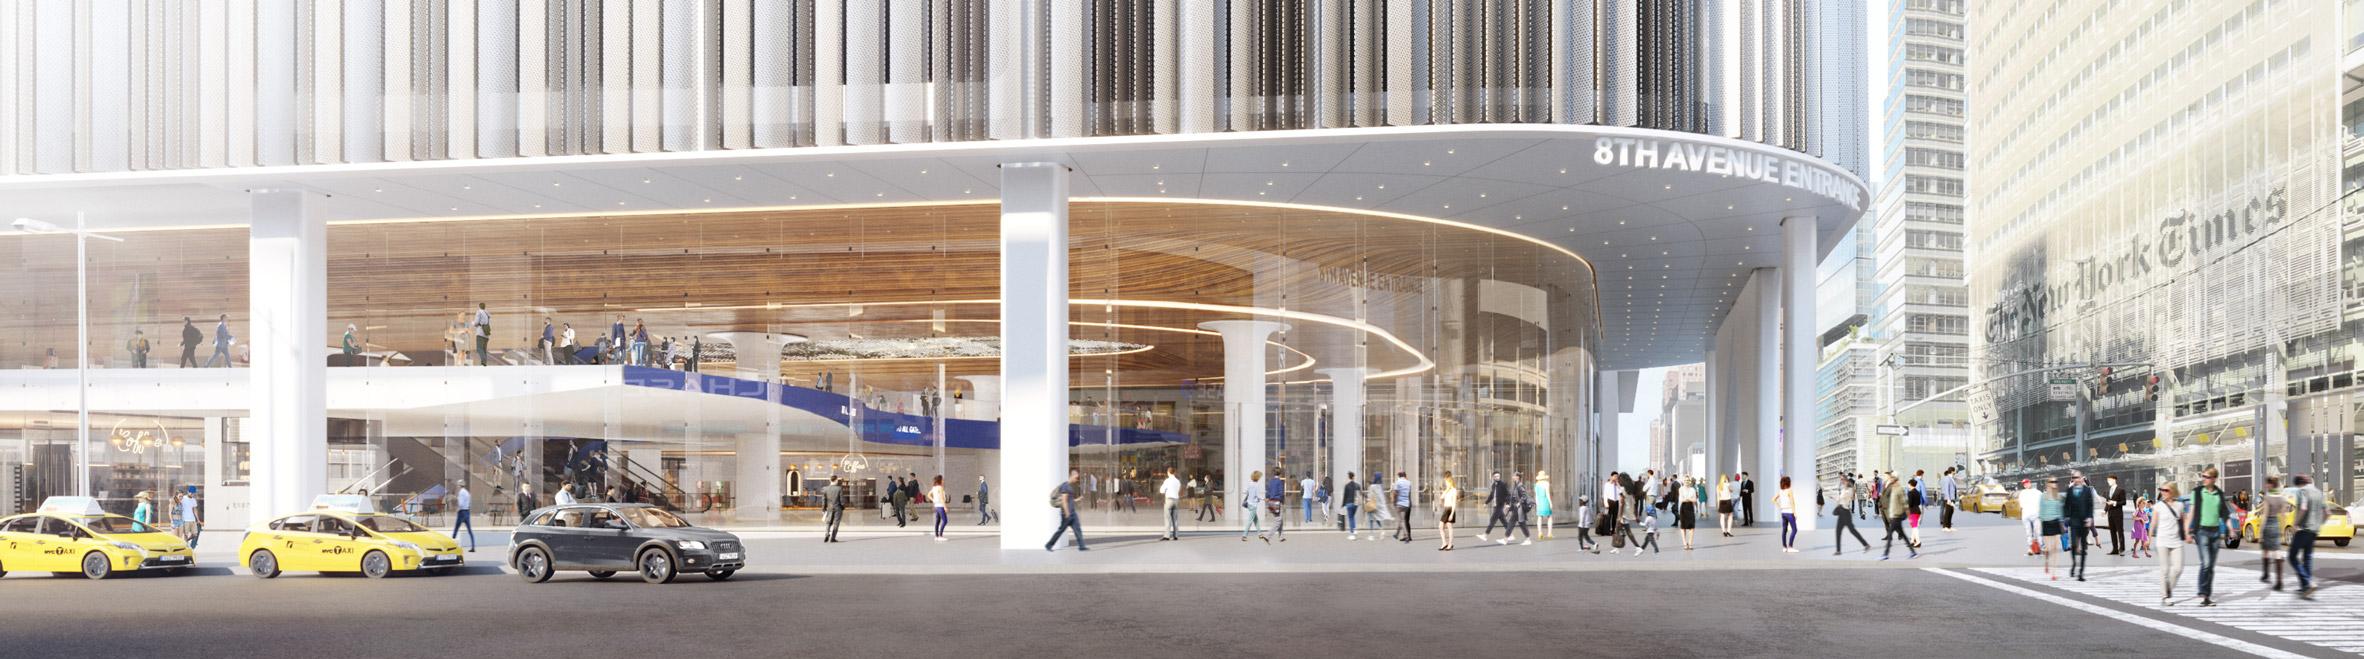 Manhattan Midtown West 2021 redevelopment